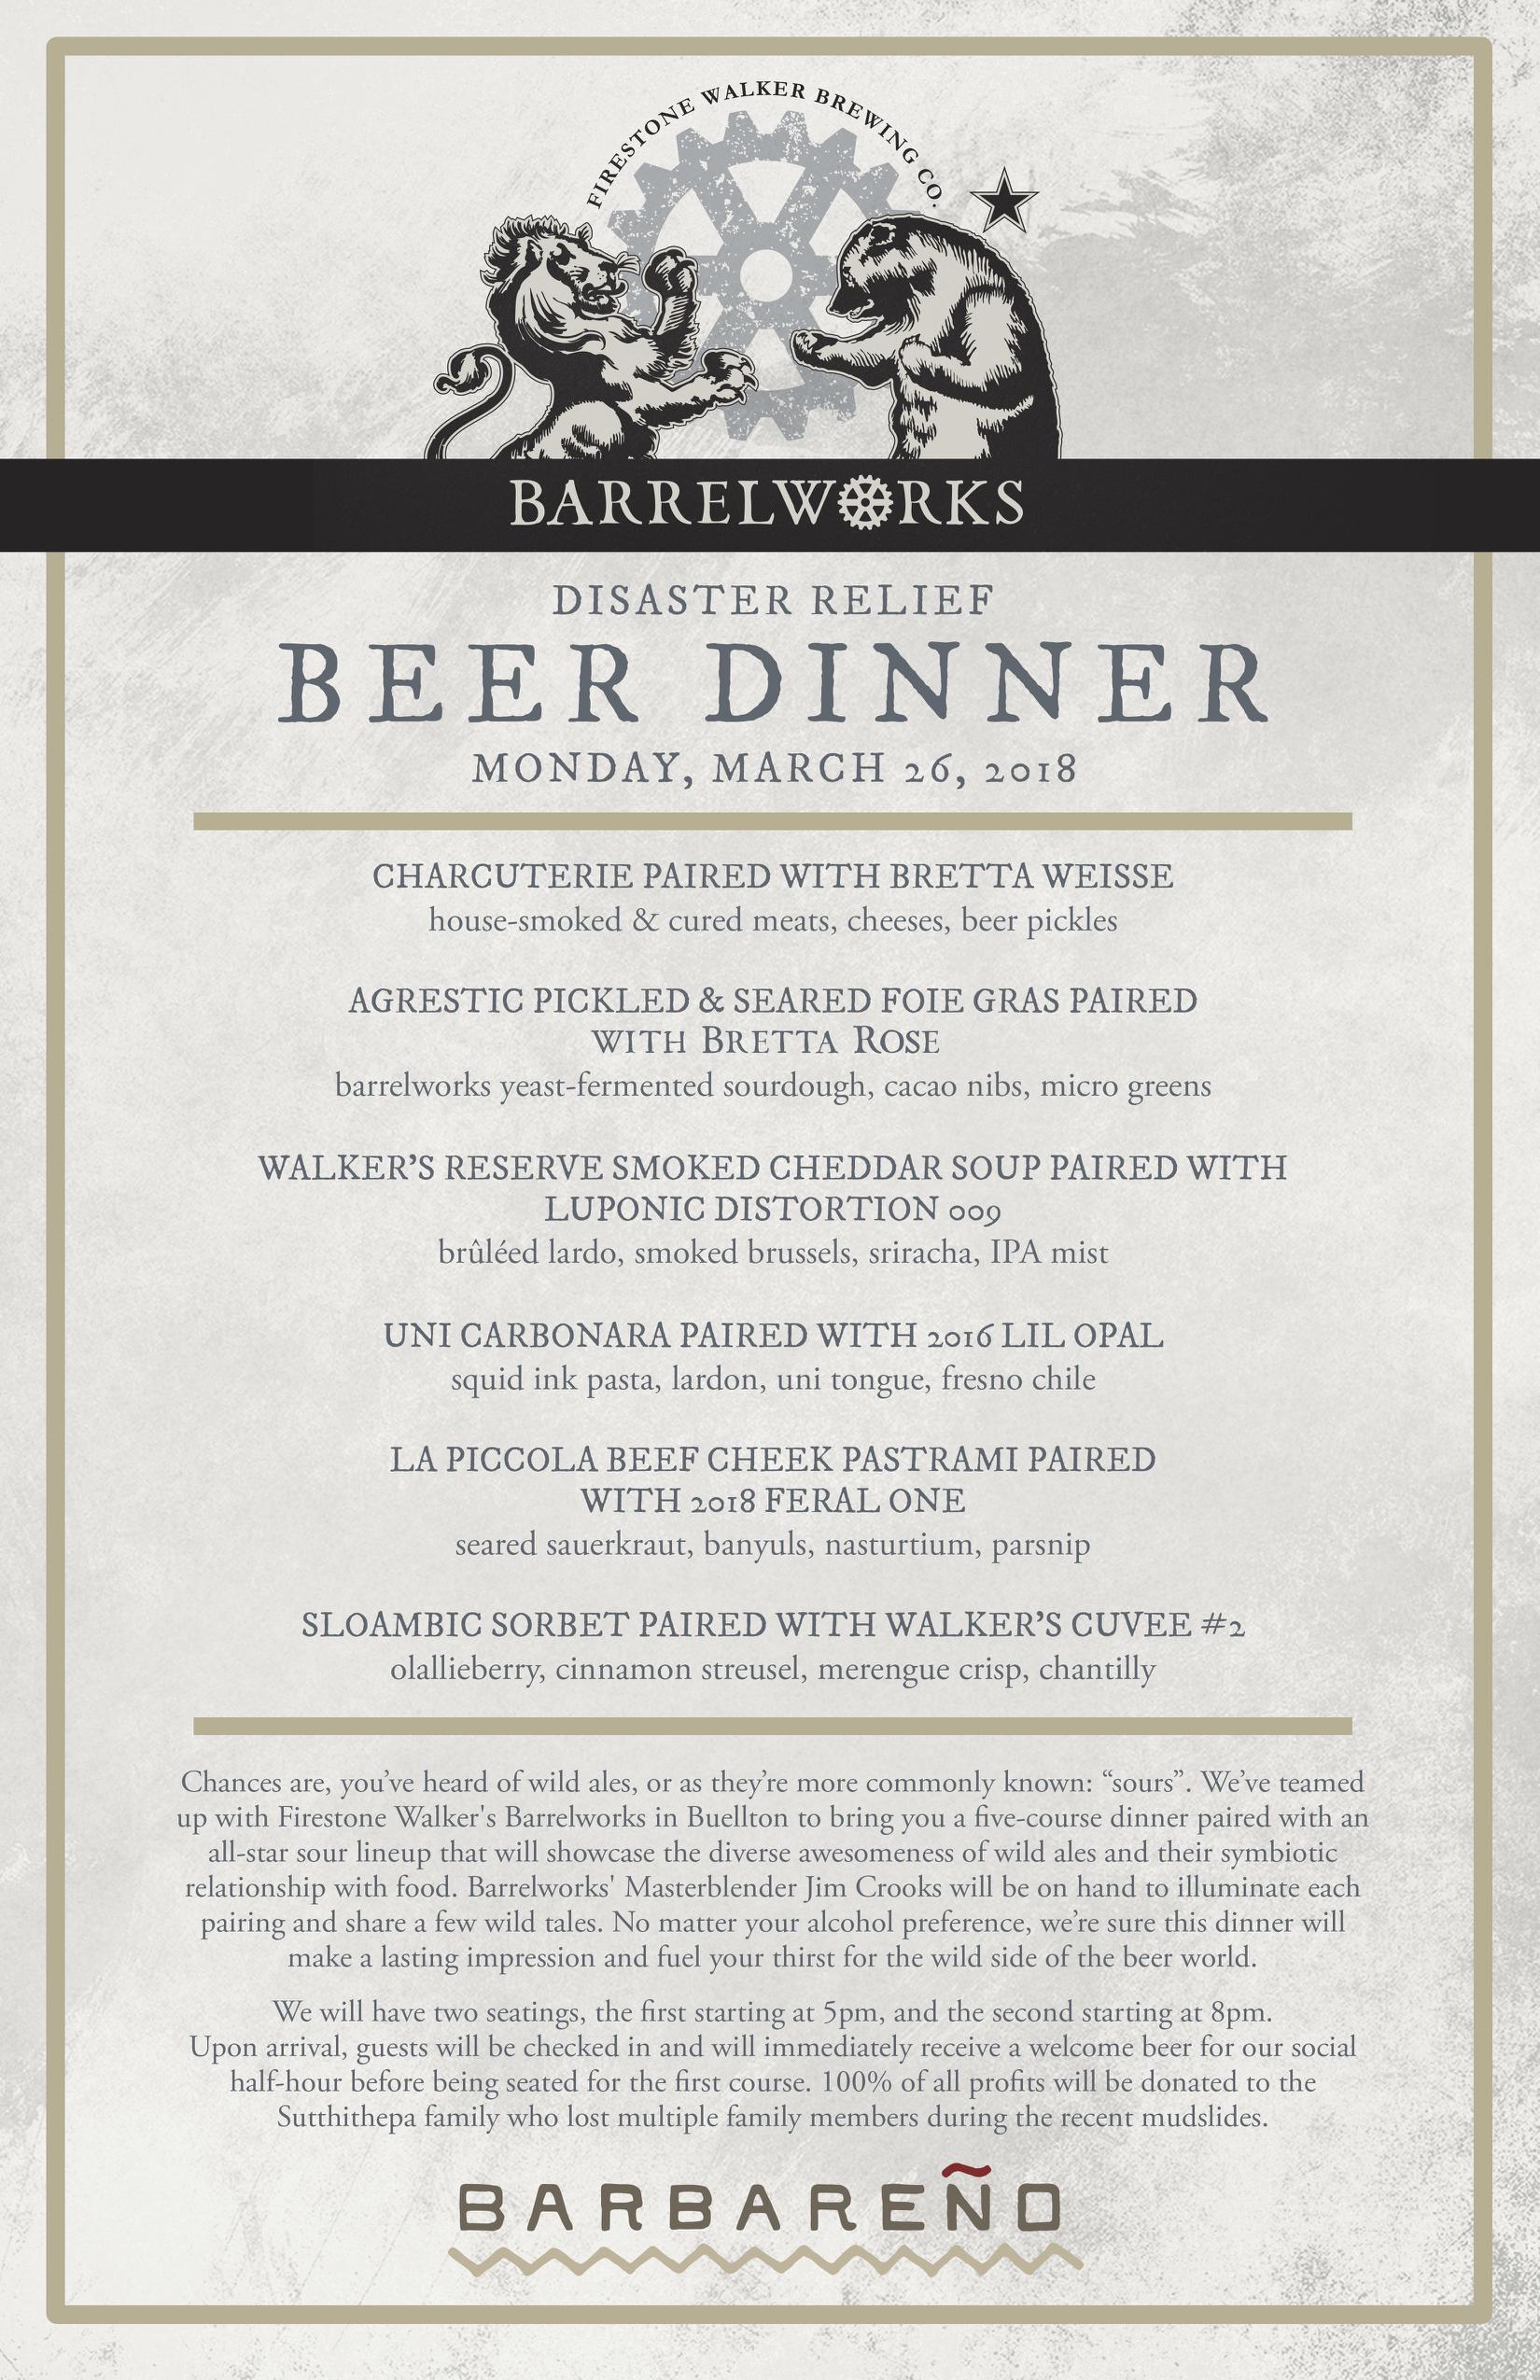 final barbareno_beerdinner menu.png